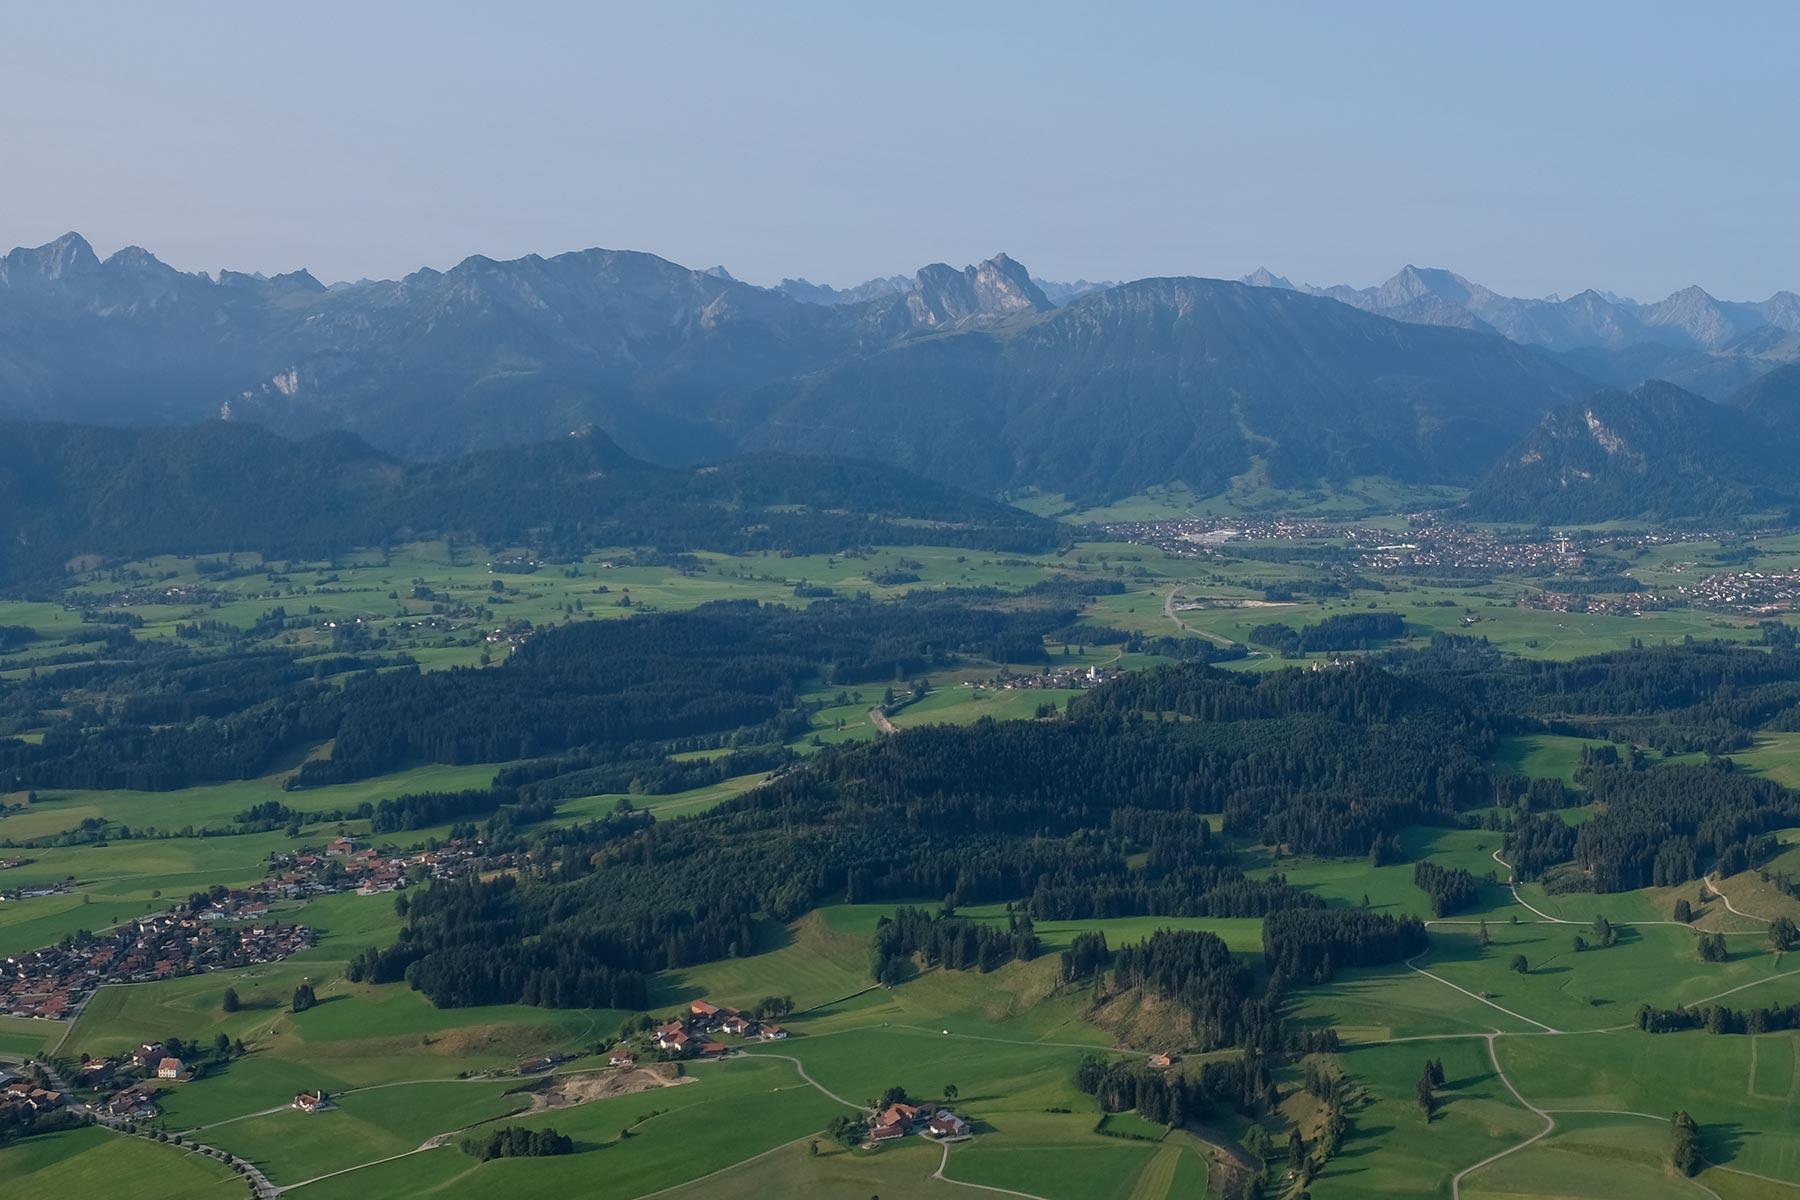 Blick auf die Alpen und das Vorland aus dem Allgäuer Büble Bier Ballon